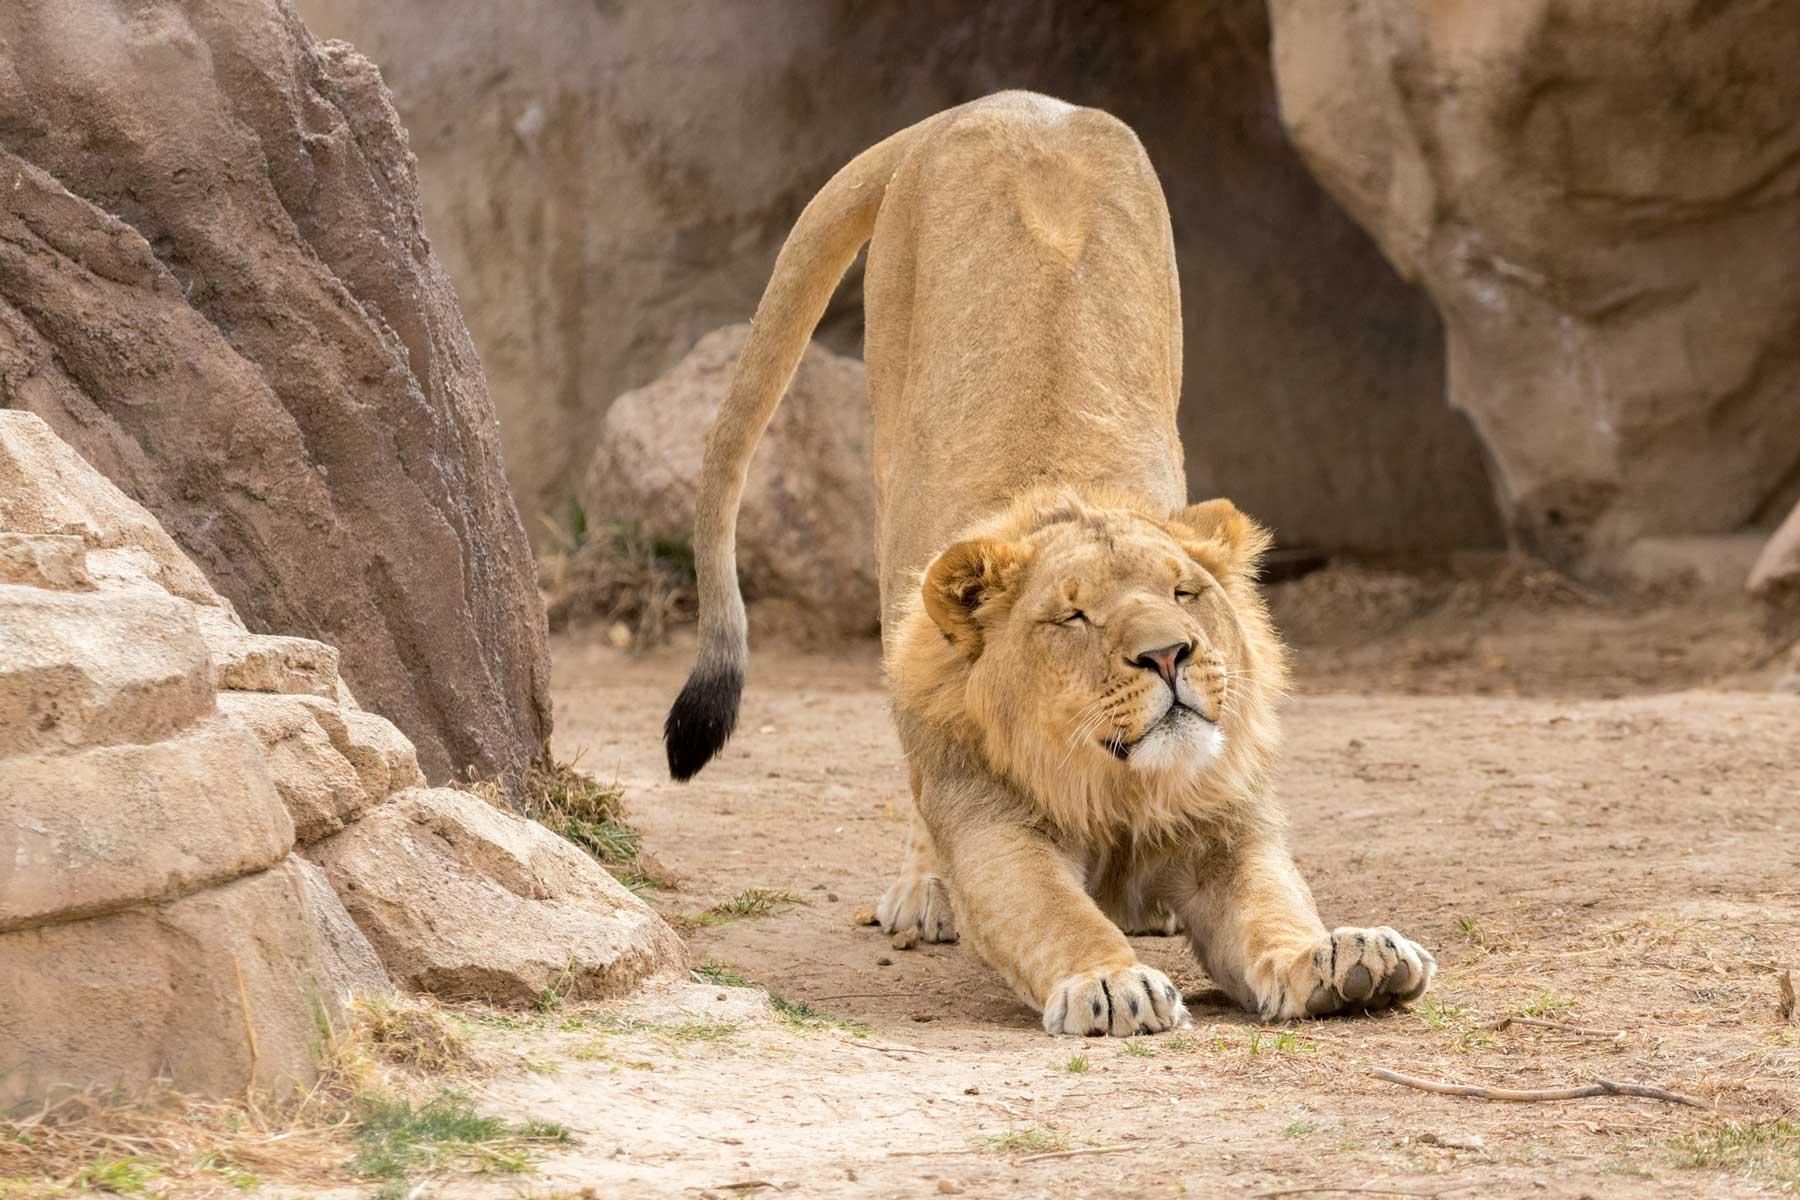 Denver Zoo — Denver, Colorado